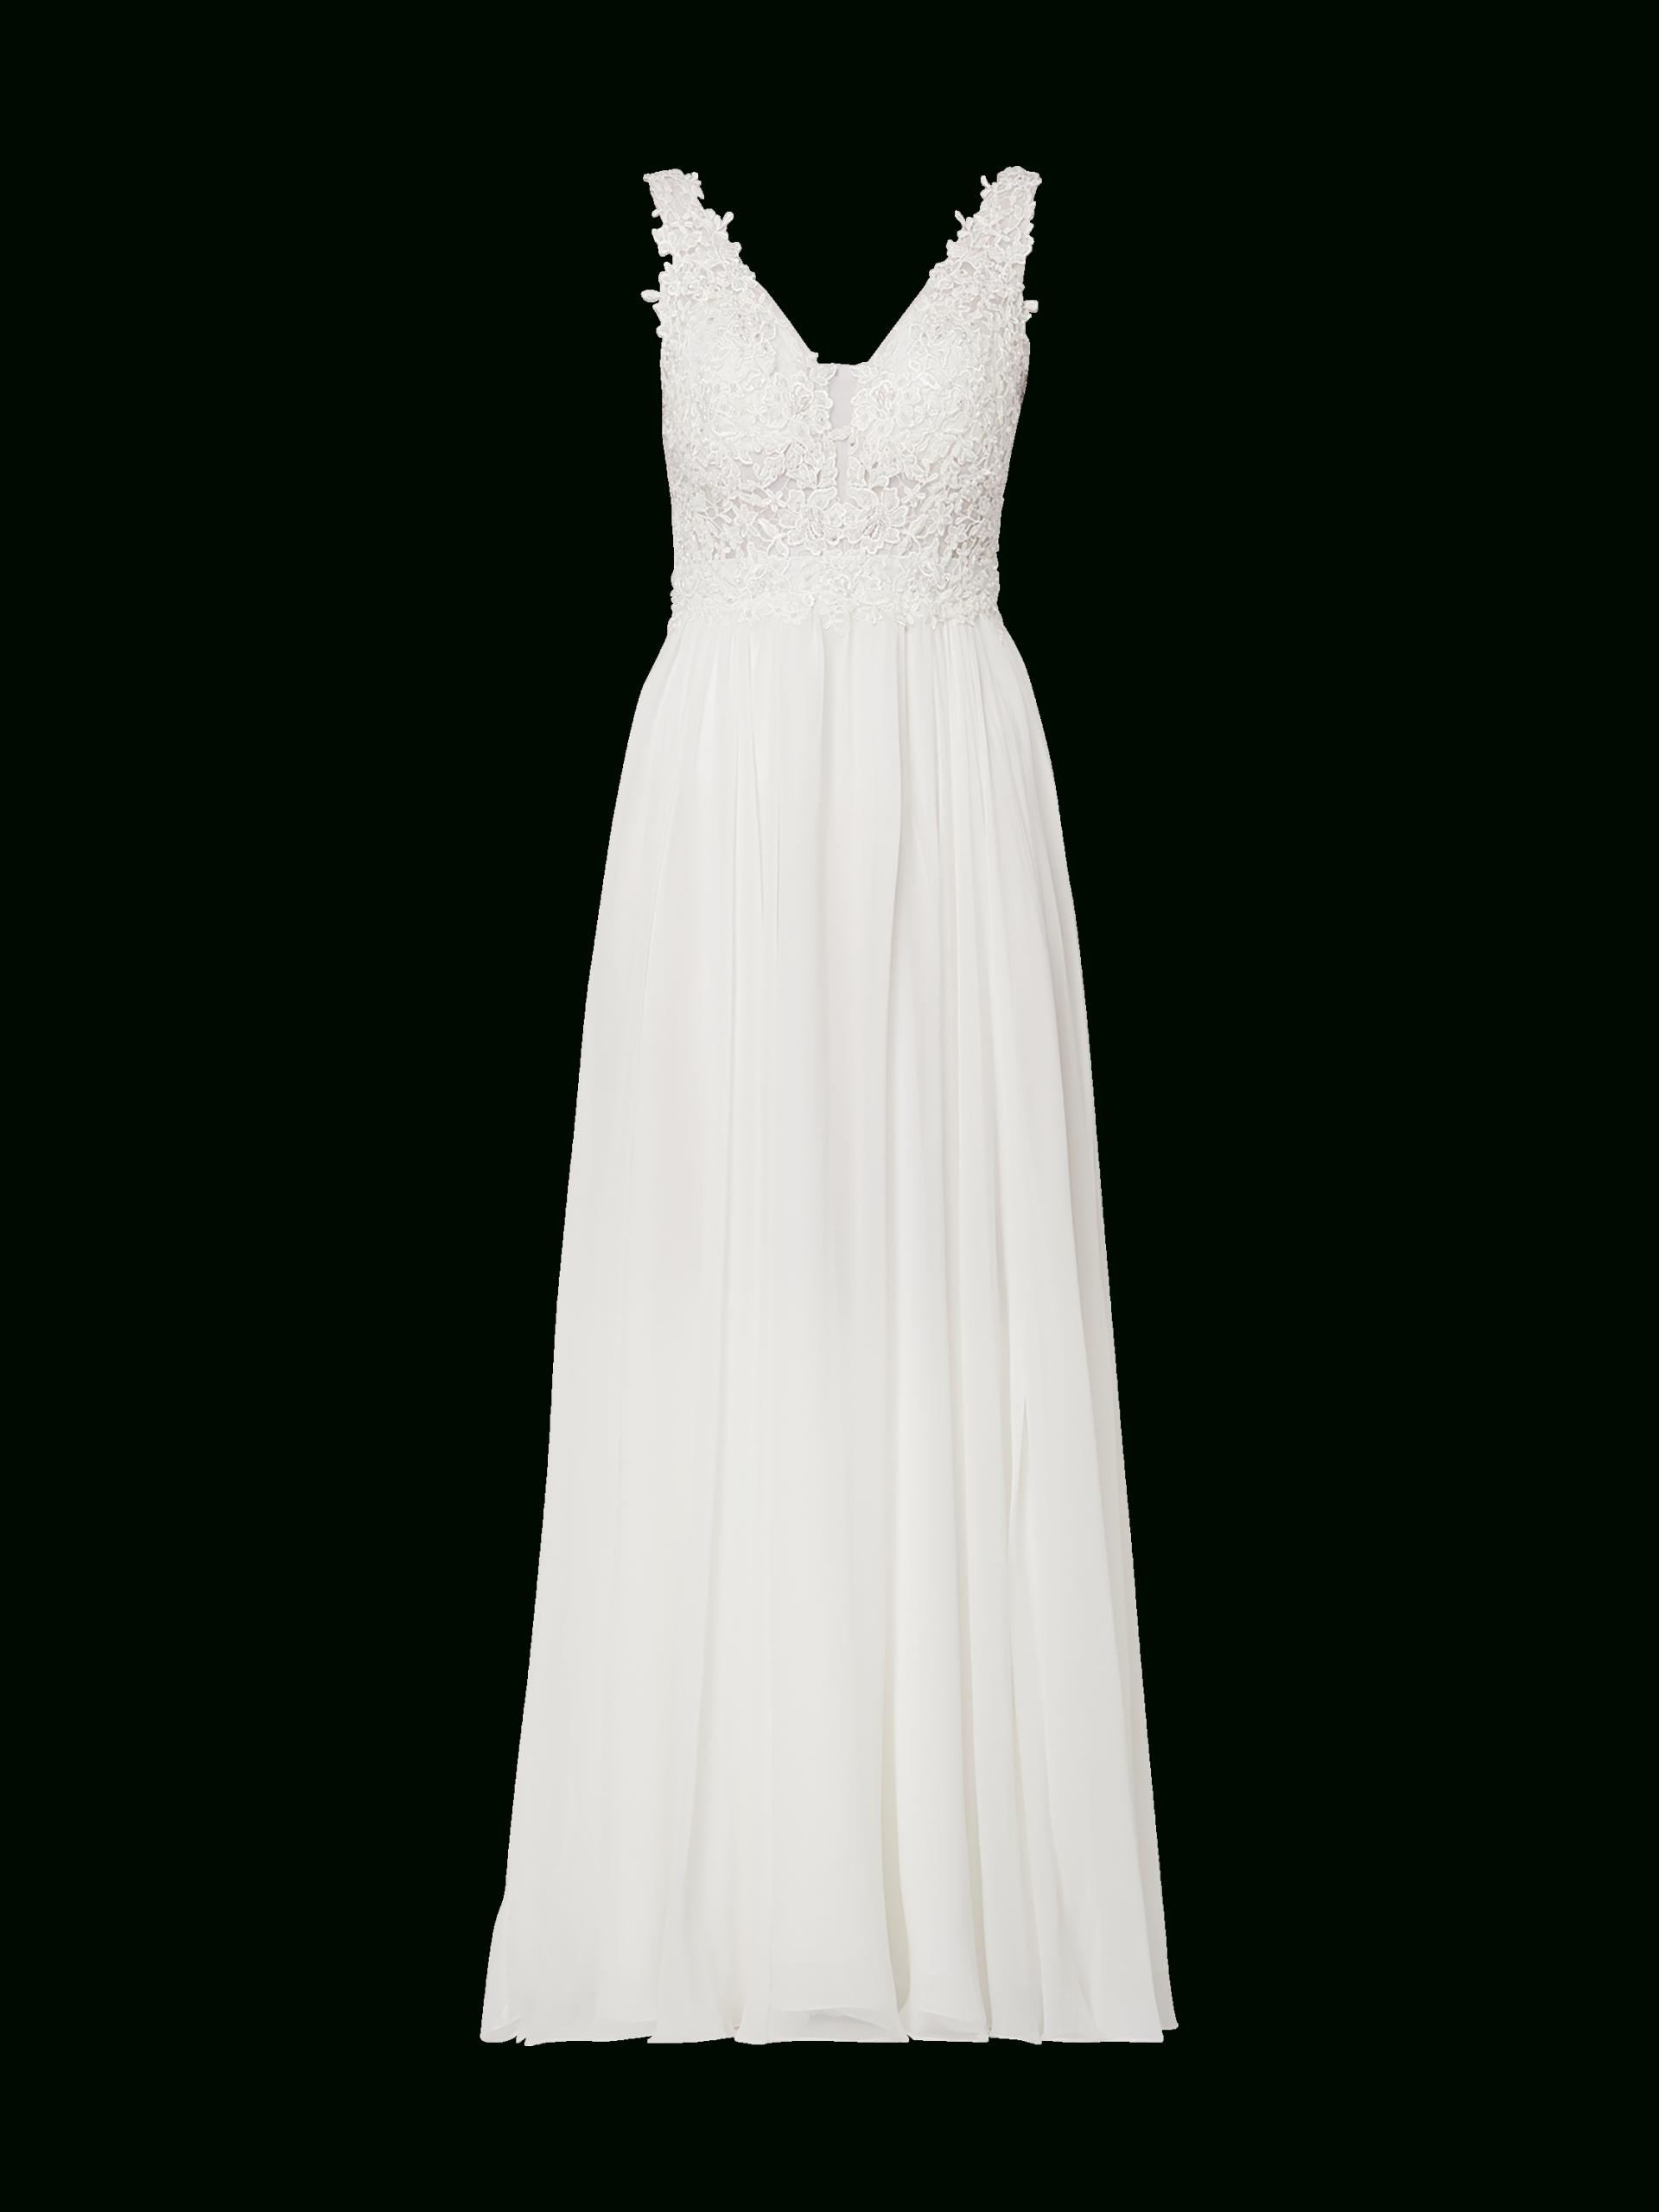 Niente – Brautkleid Mit Zierperlen – Offwhite